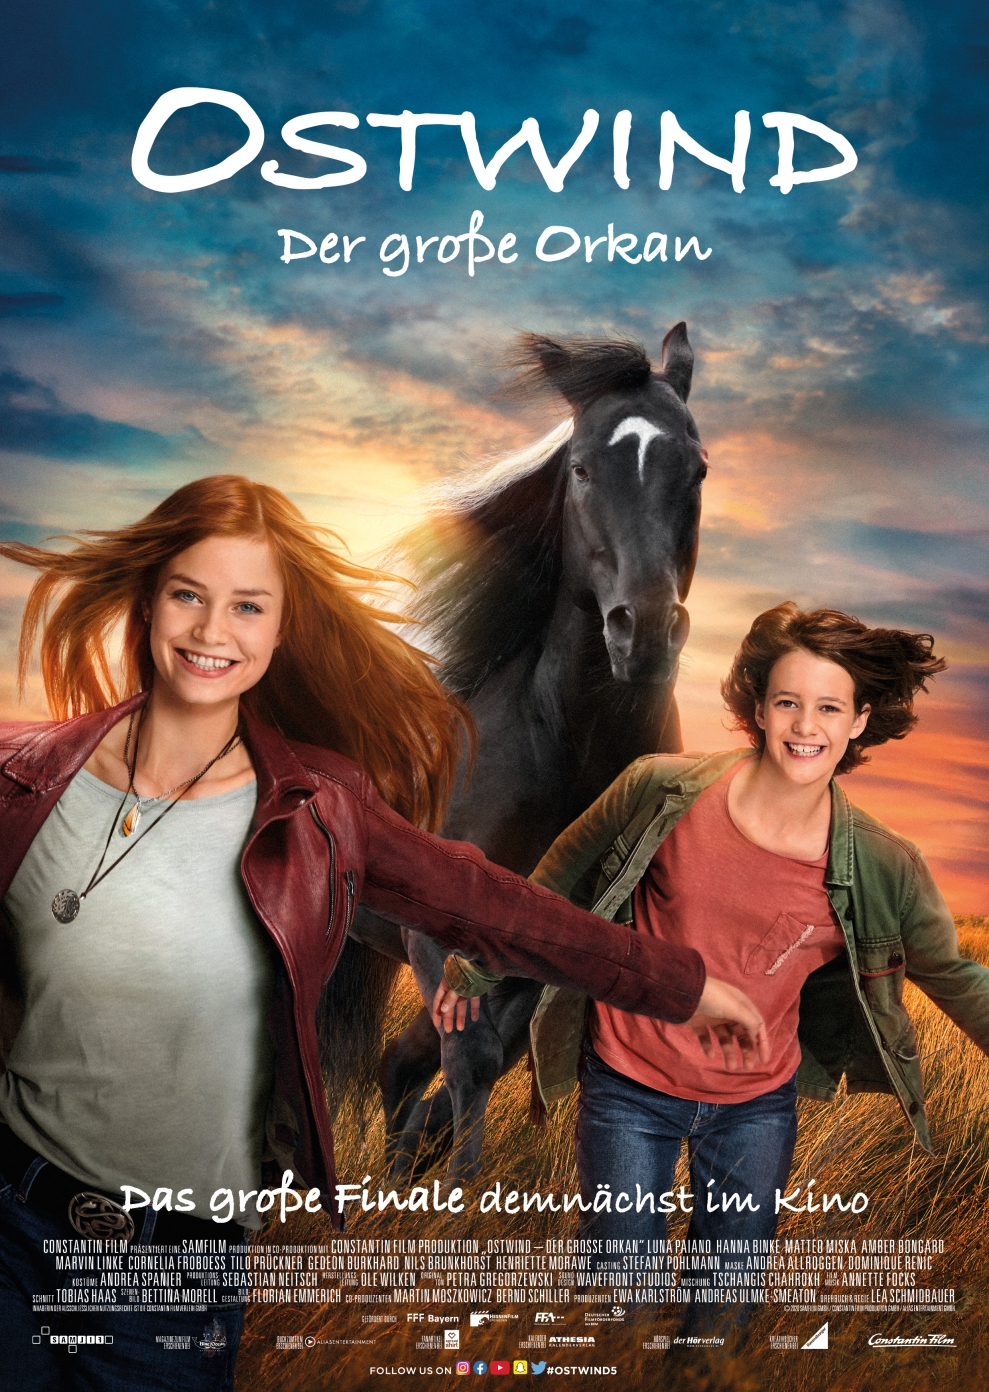 OSTWIND 5 - DER GROßE ORKAN